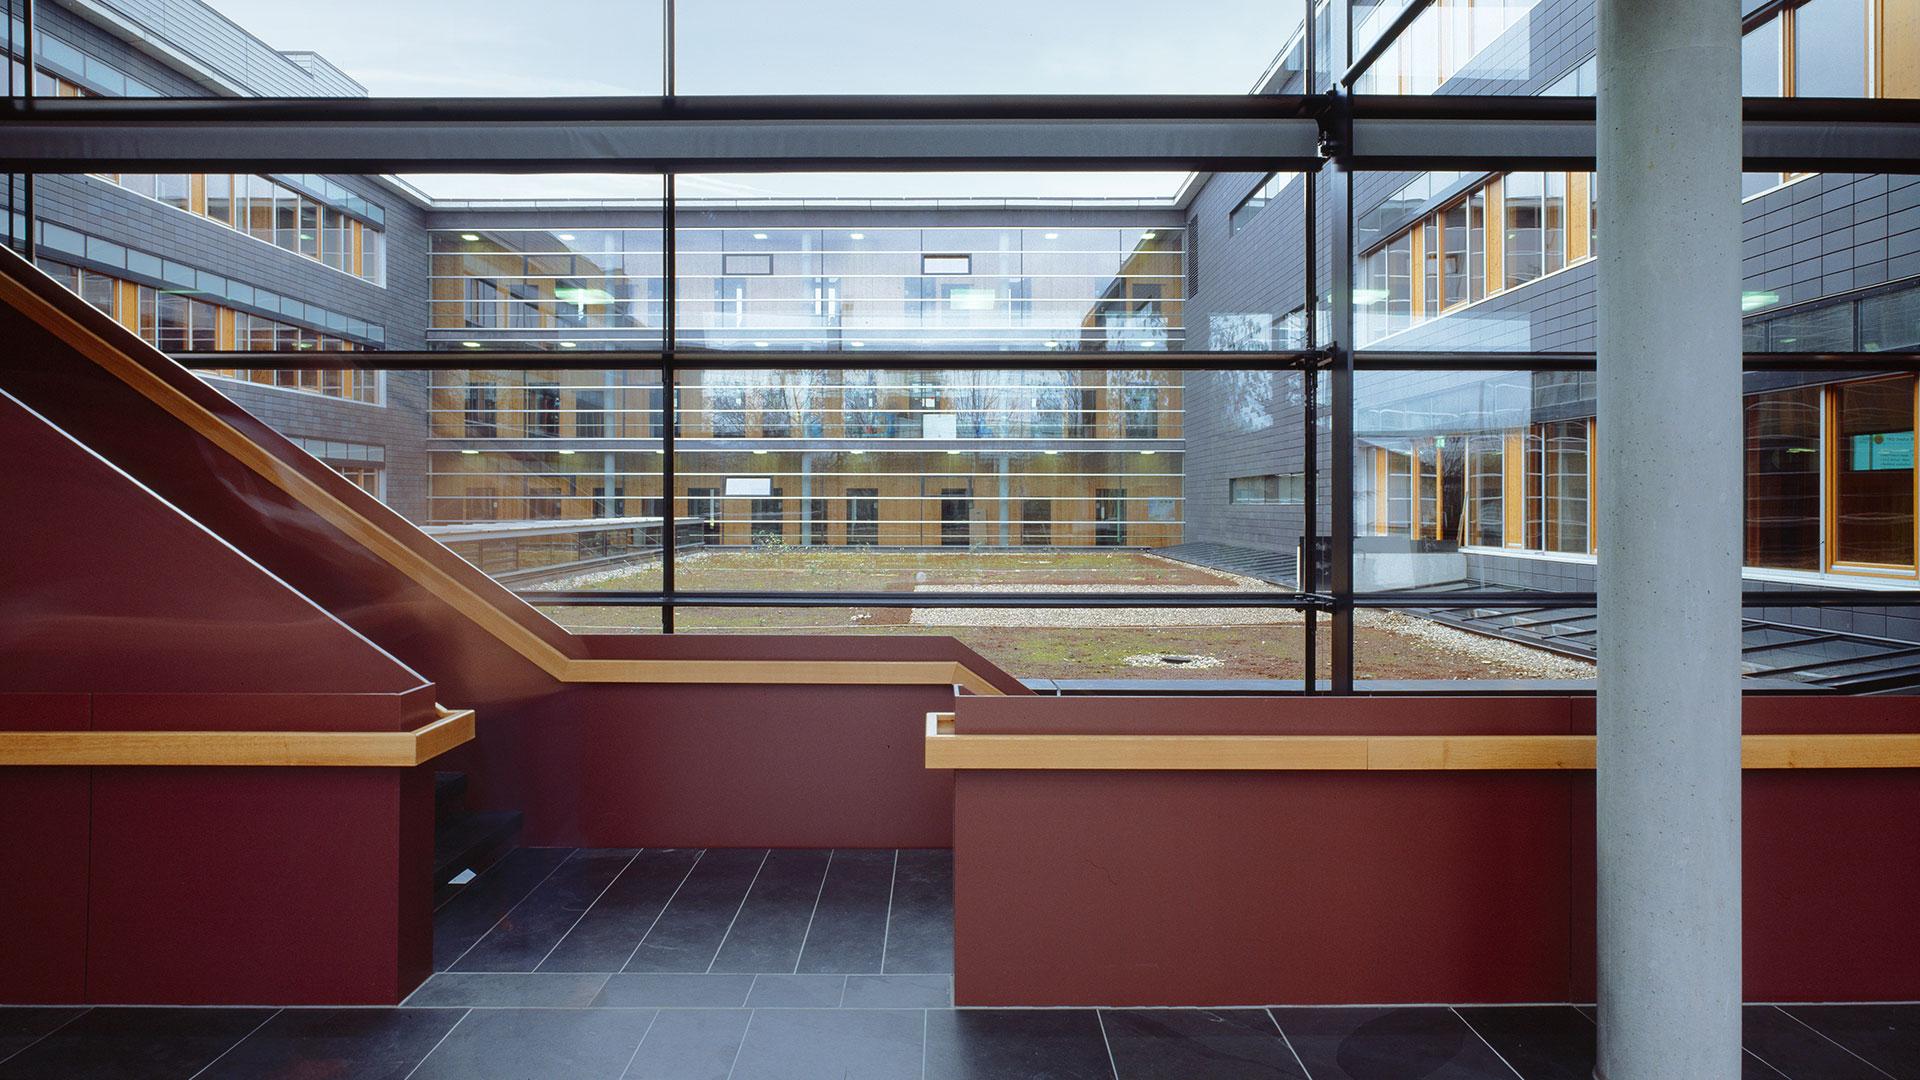 Kirchhoff Institut für Physik 5 - ArGe Architekten